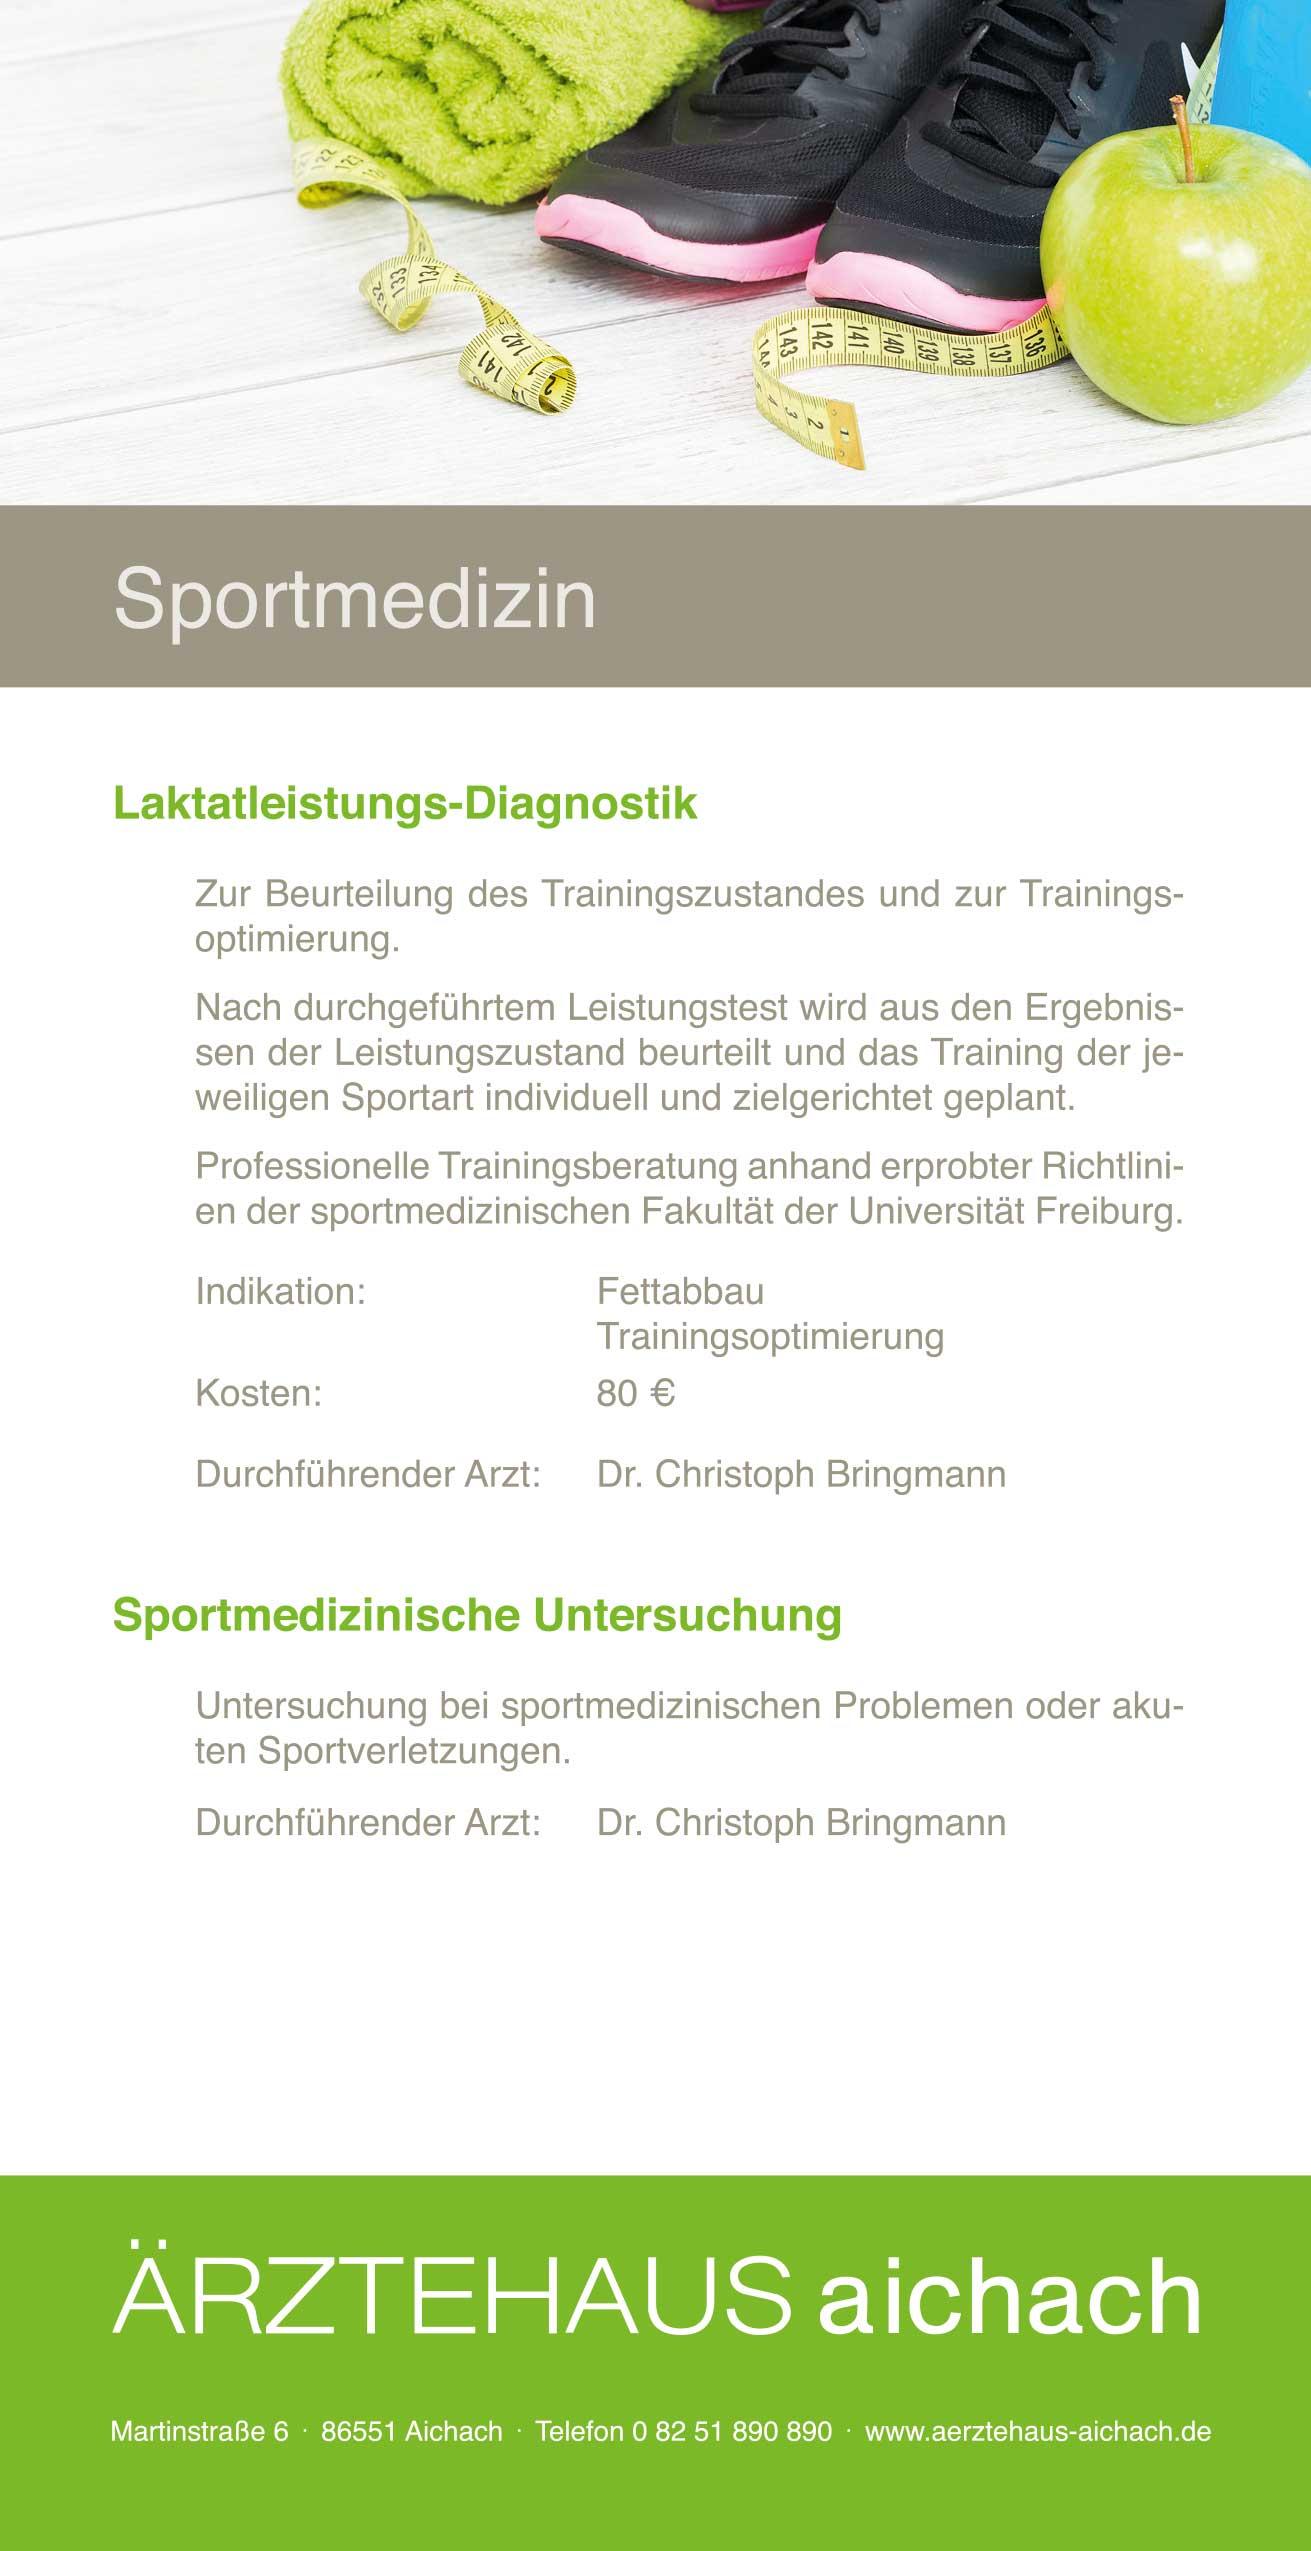 Großartig Schulung Für Sportmedizin Zeitgenössisch - Menschliche ...